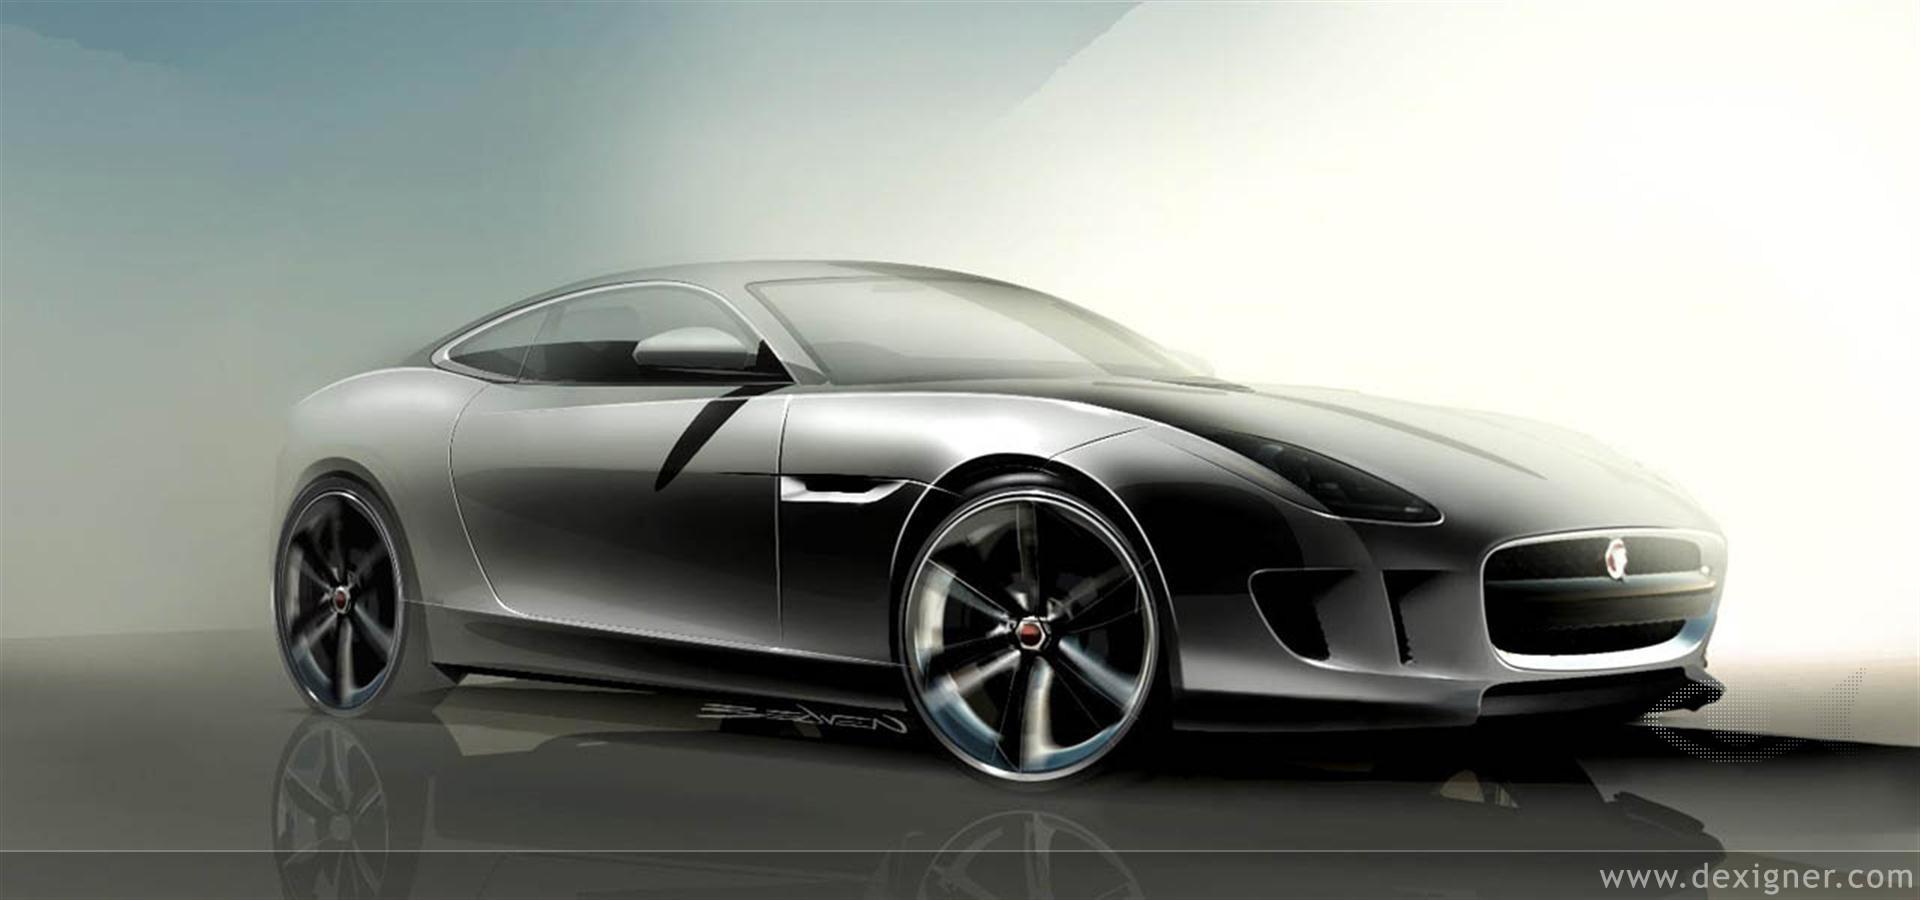 Jaguar_CX16_Concept_12.jpg (1920×900)